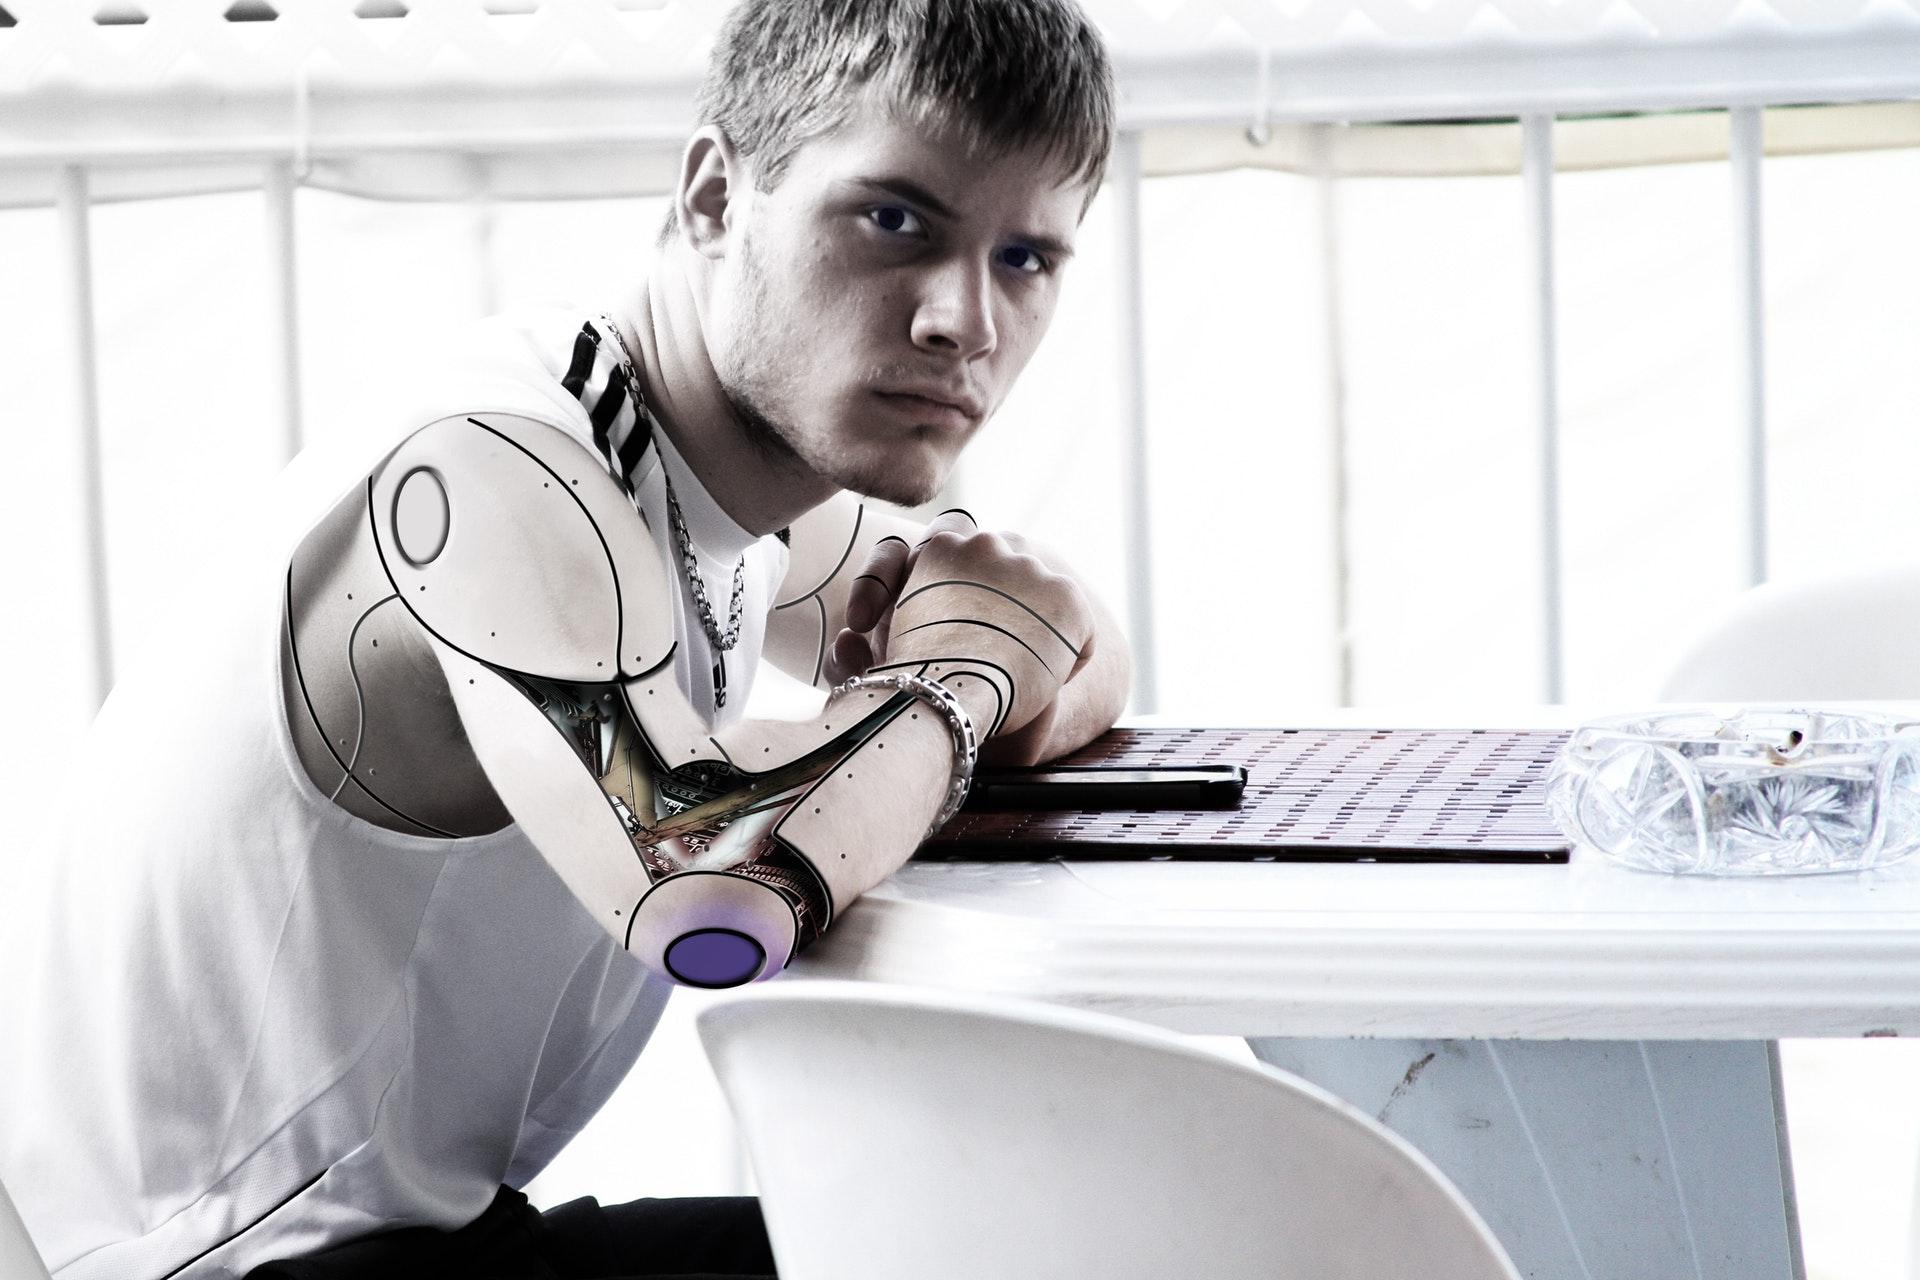 makine öğrenmesi insanların yerini mi alacak?